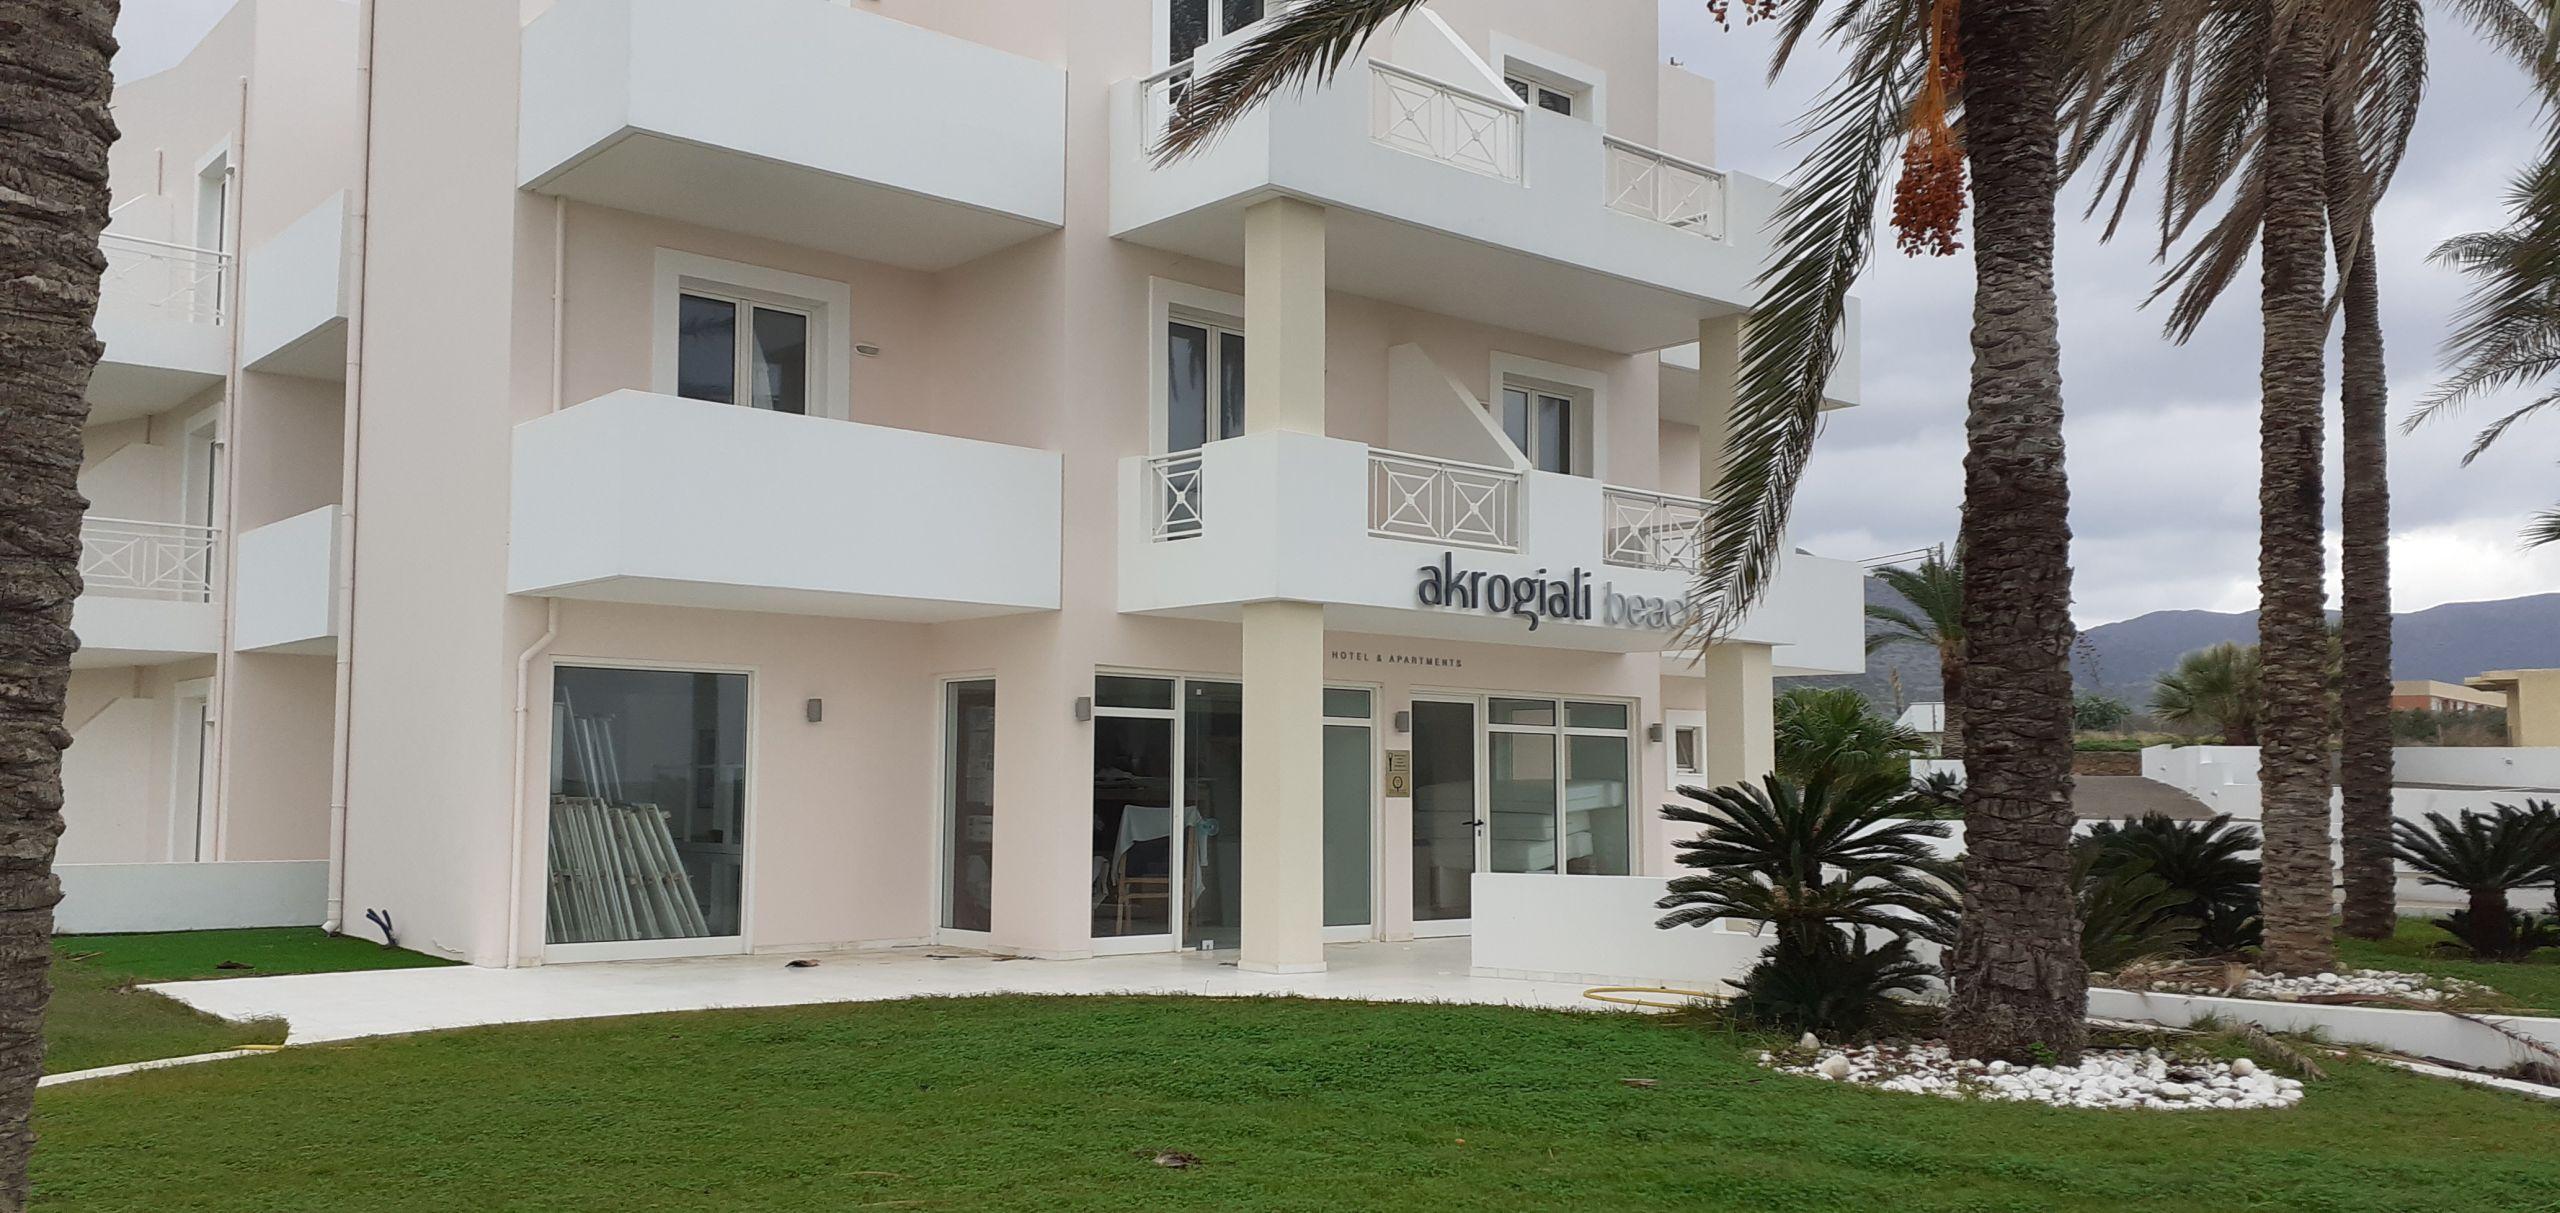 Akrogiali Hotel & Apartments , Malia, Crete